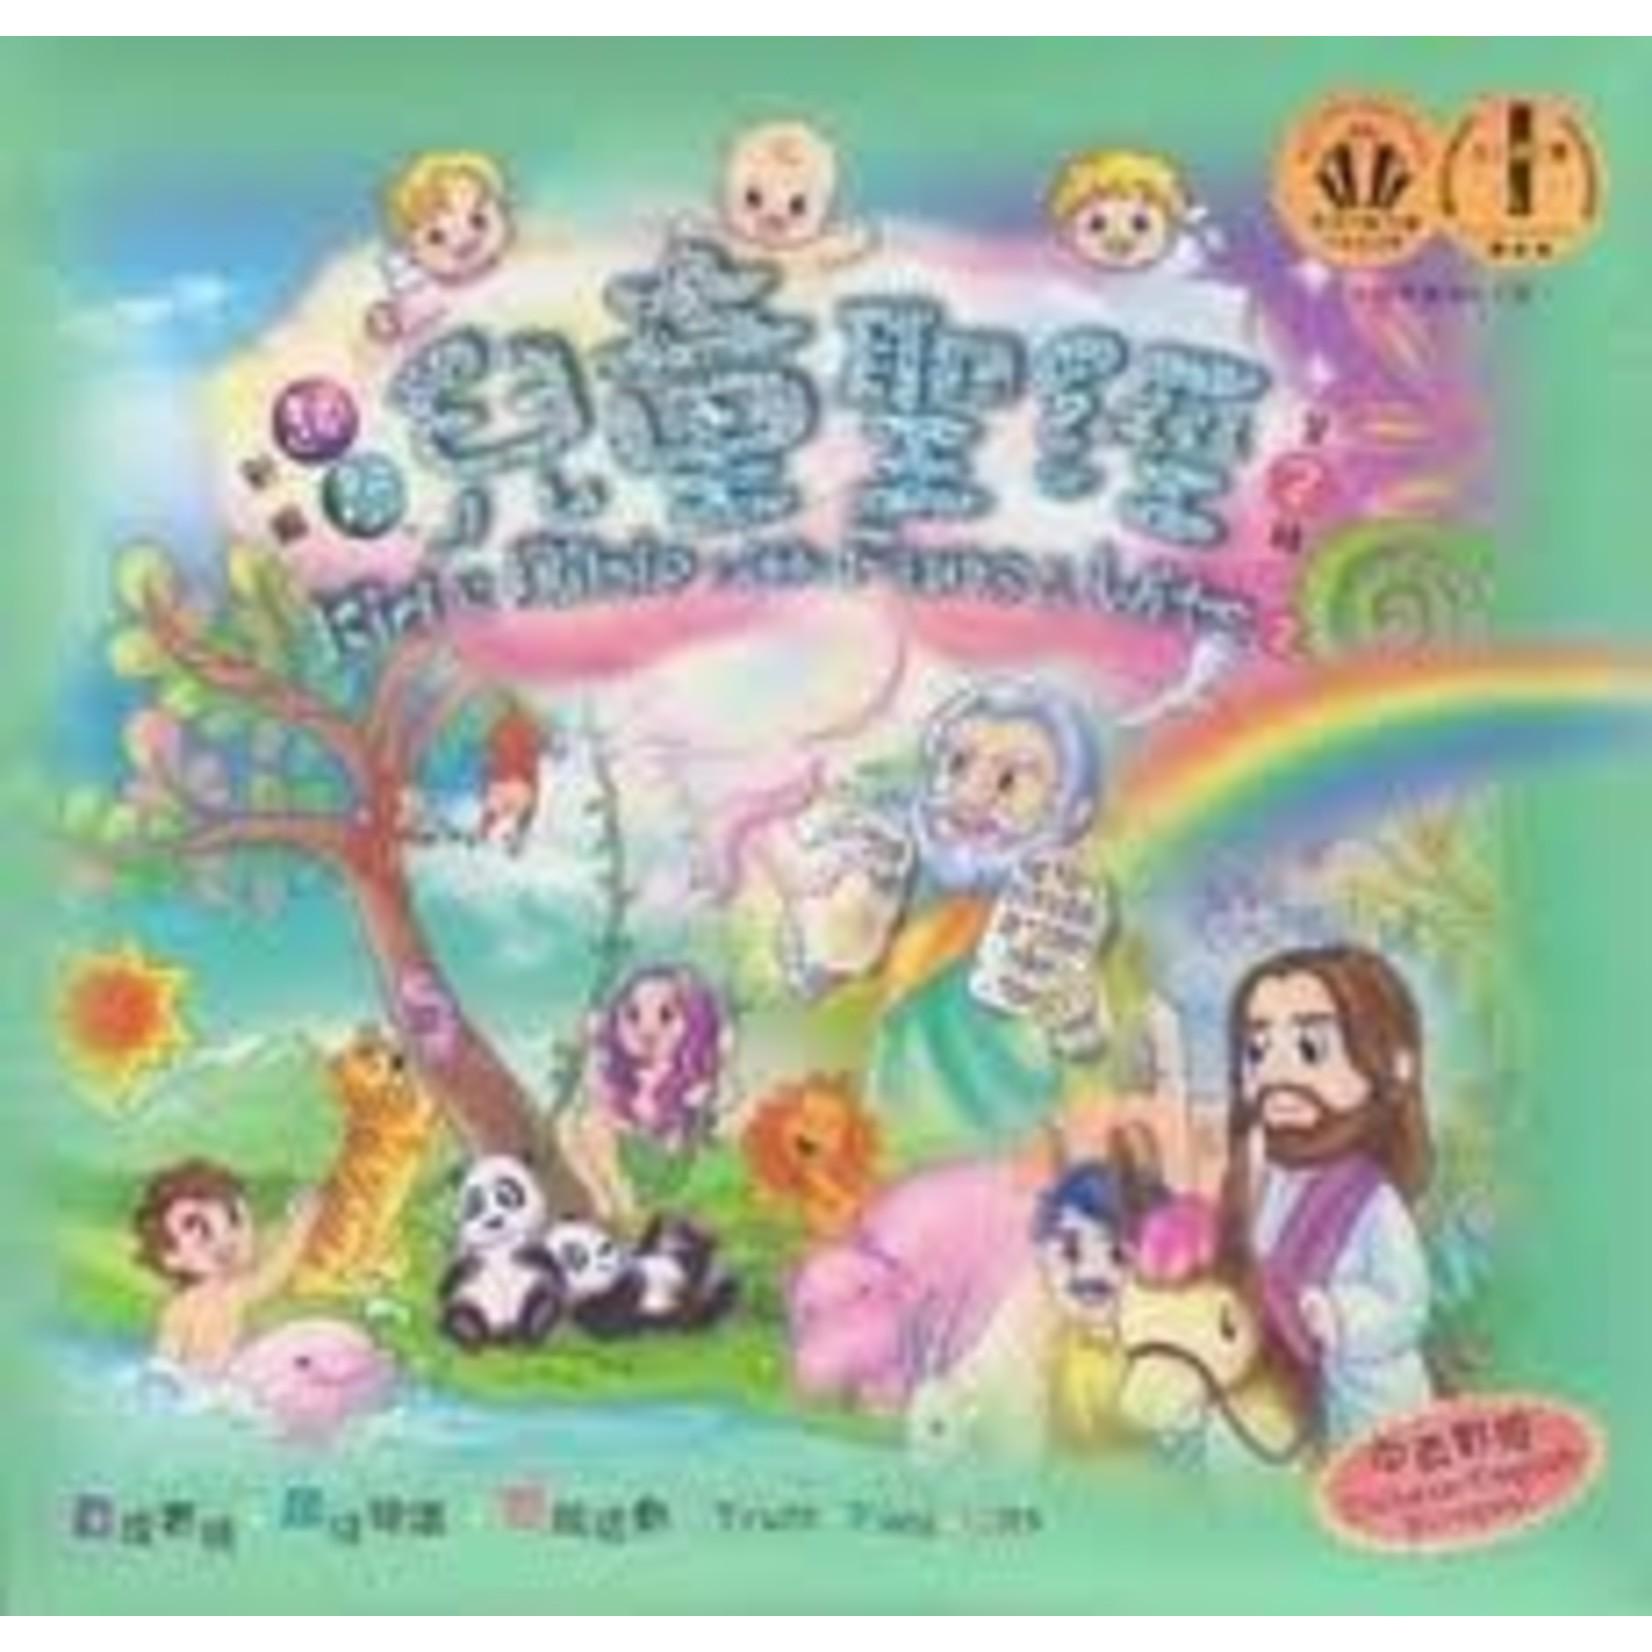 創世記設計製作 Creator Design & Production 新編趣智兒童聖經第二輯(中英對照)